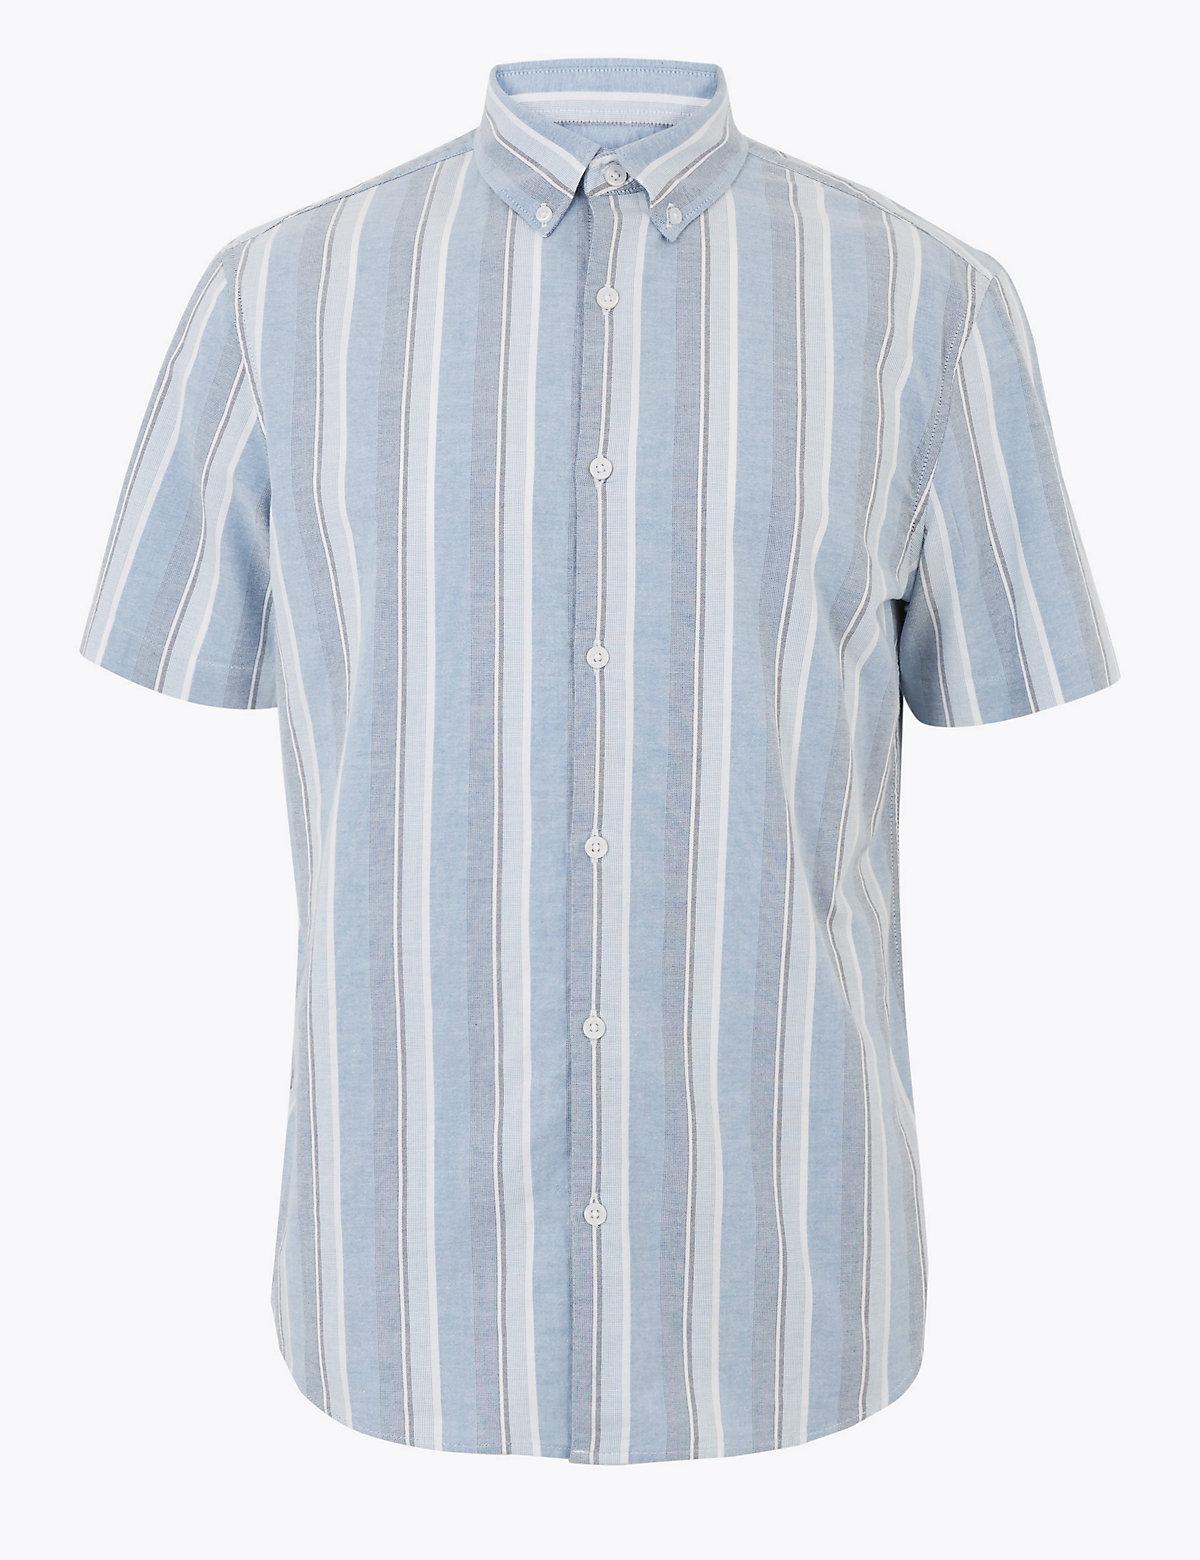 Хлопковая рубашка в вертикальную полоску